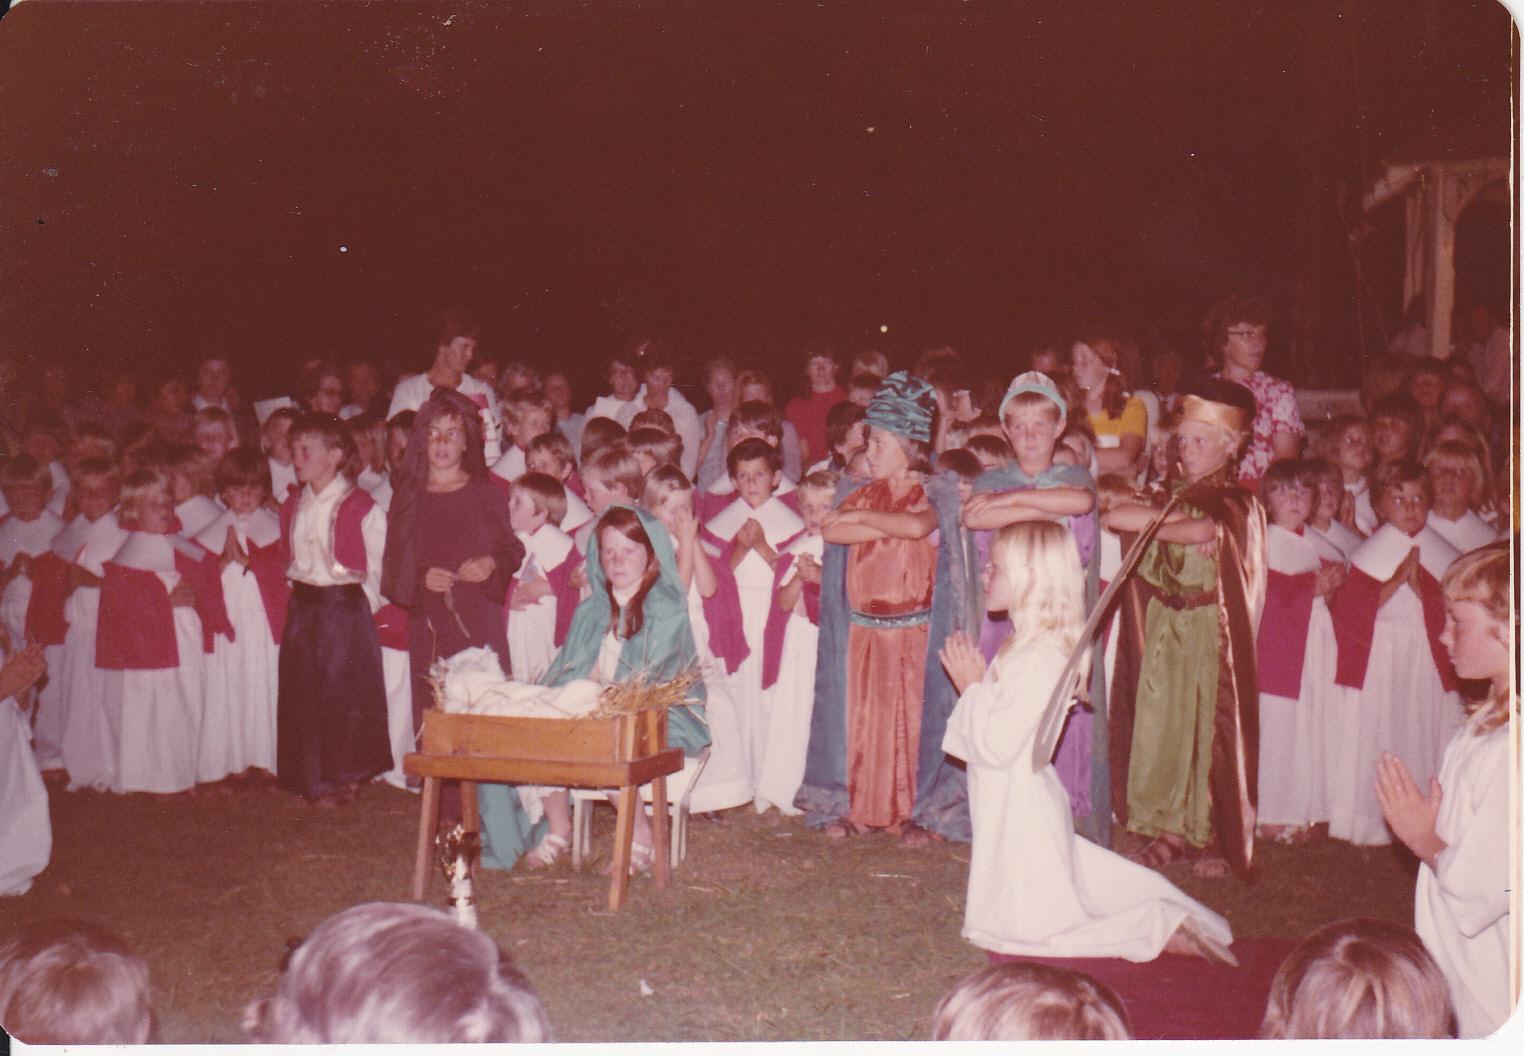 XMAS PAGEANT CIRCA 1976